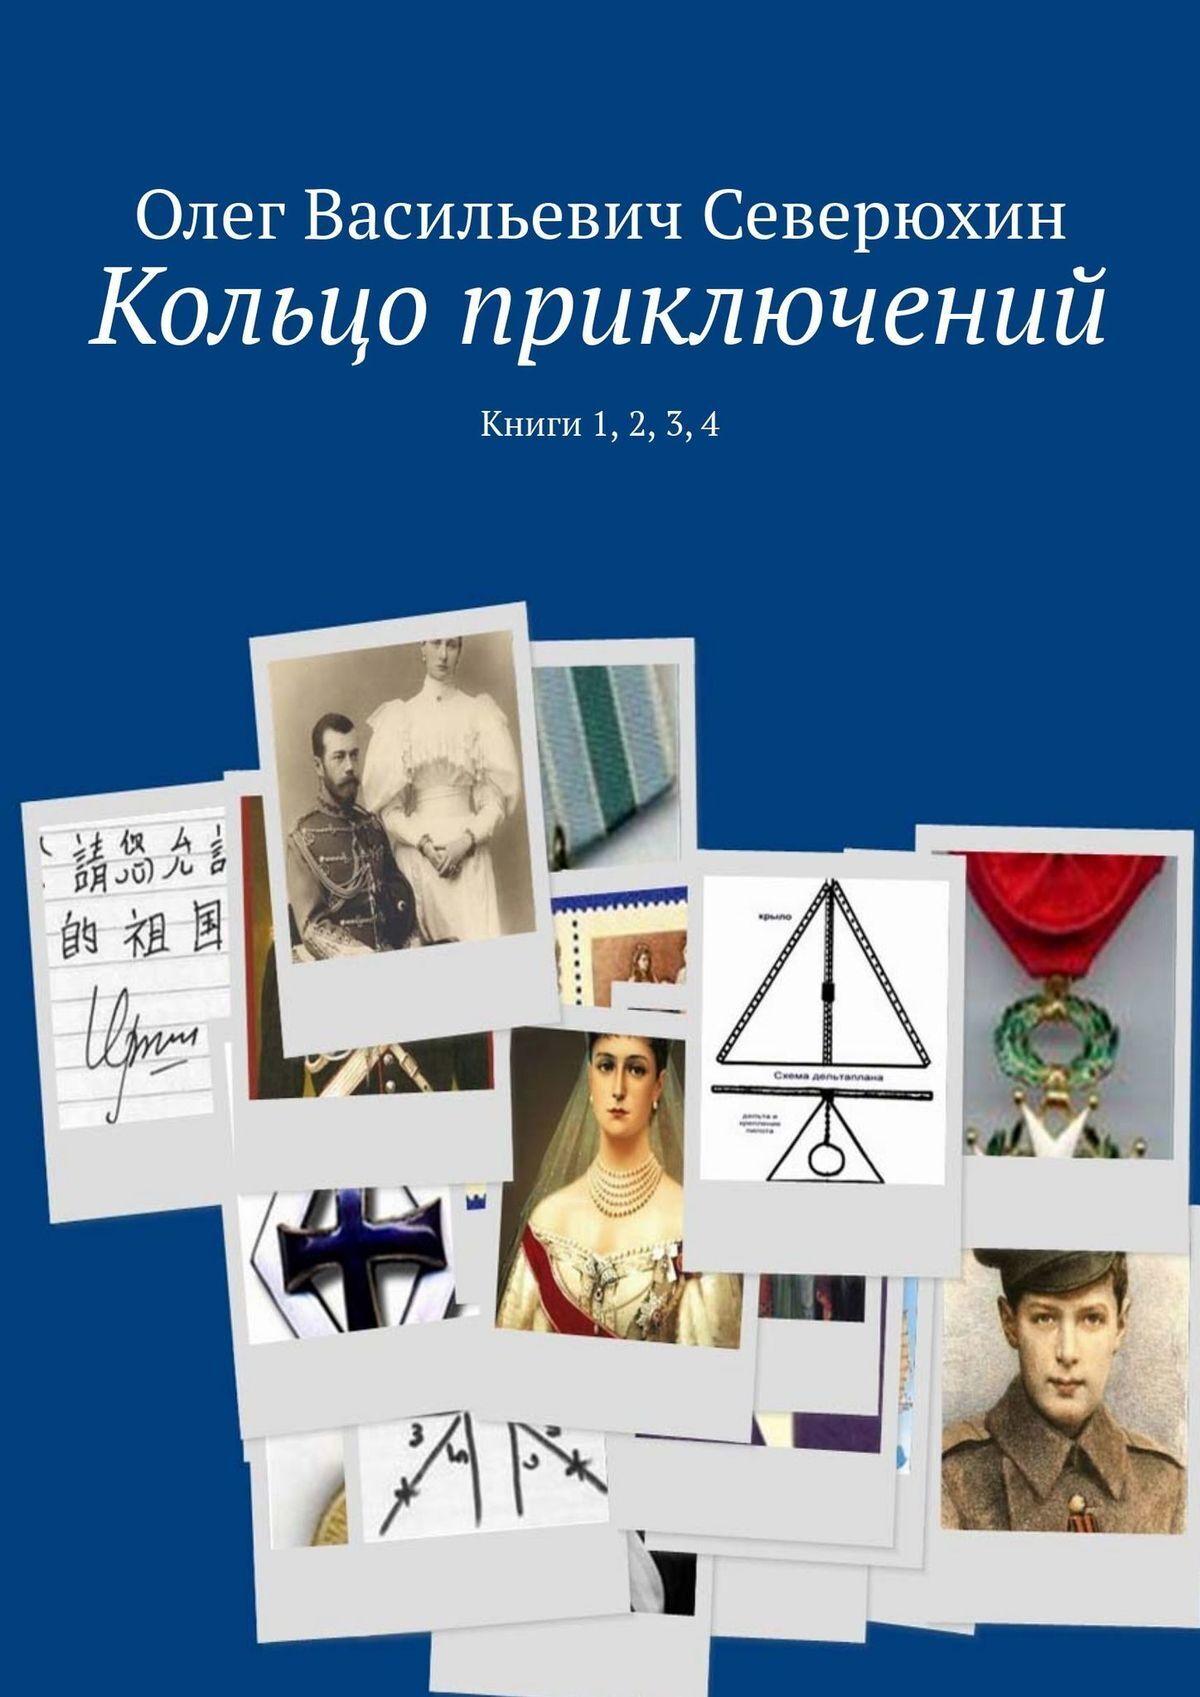 Олег Васильевич Северюхин Кольцо приключений. Книги 1, 2, 3,4 цена